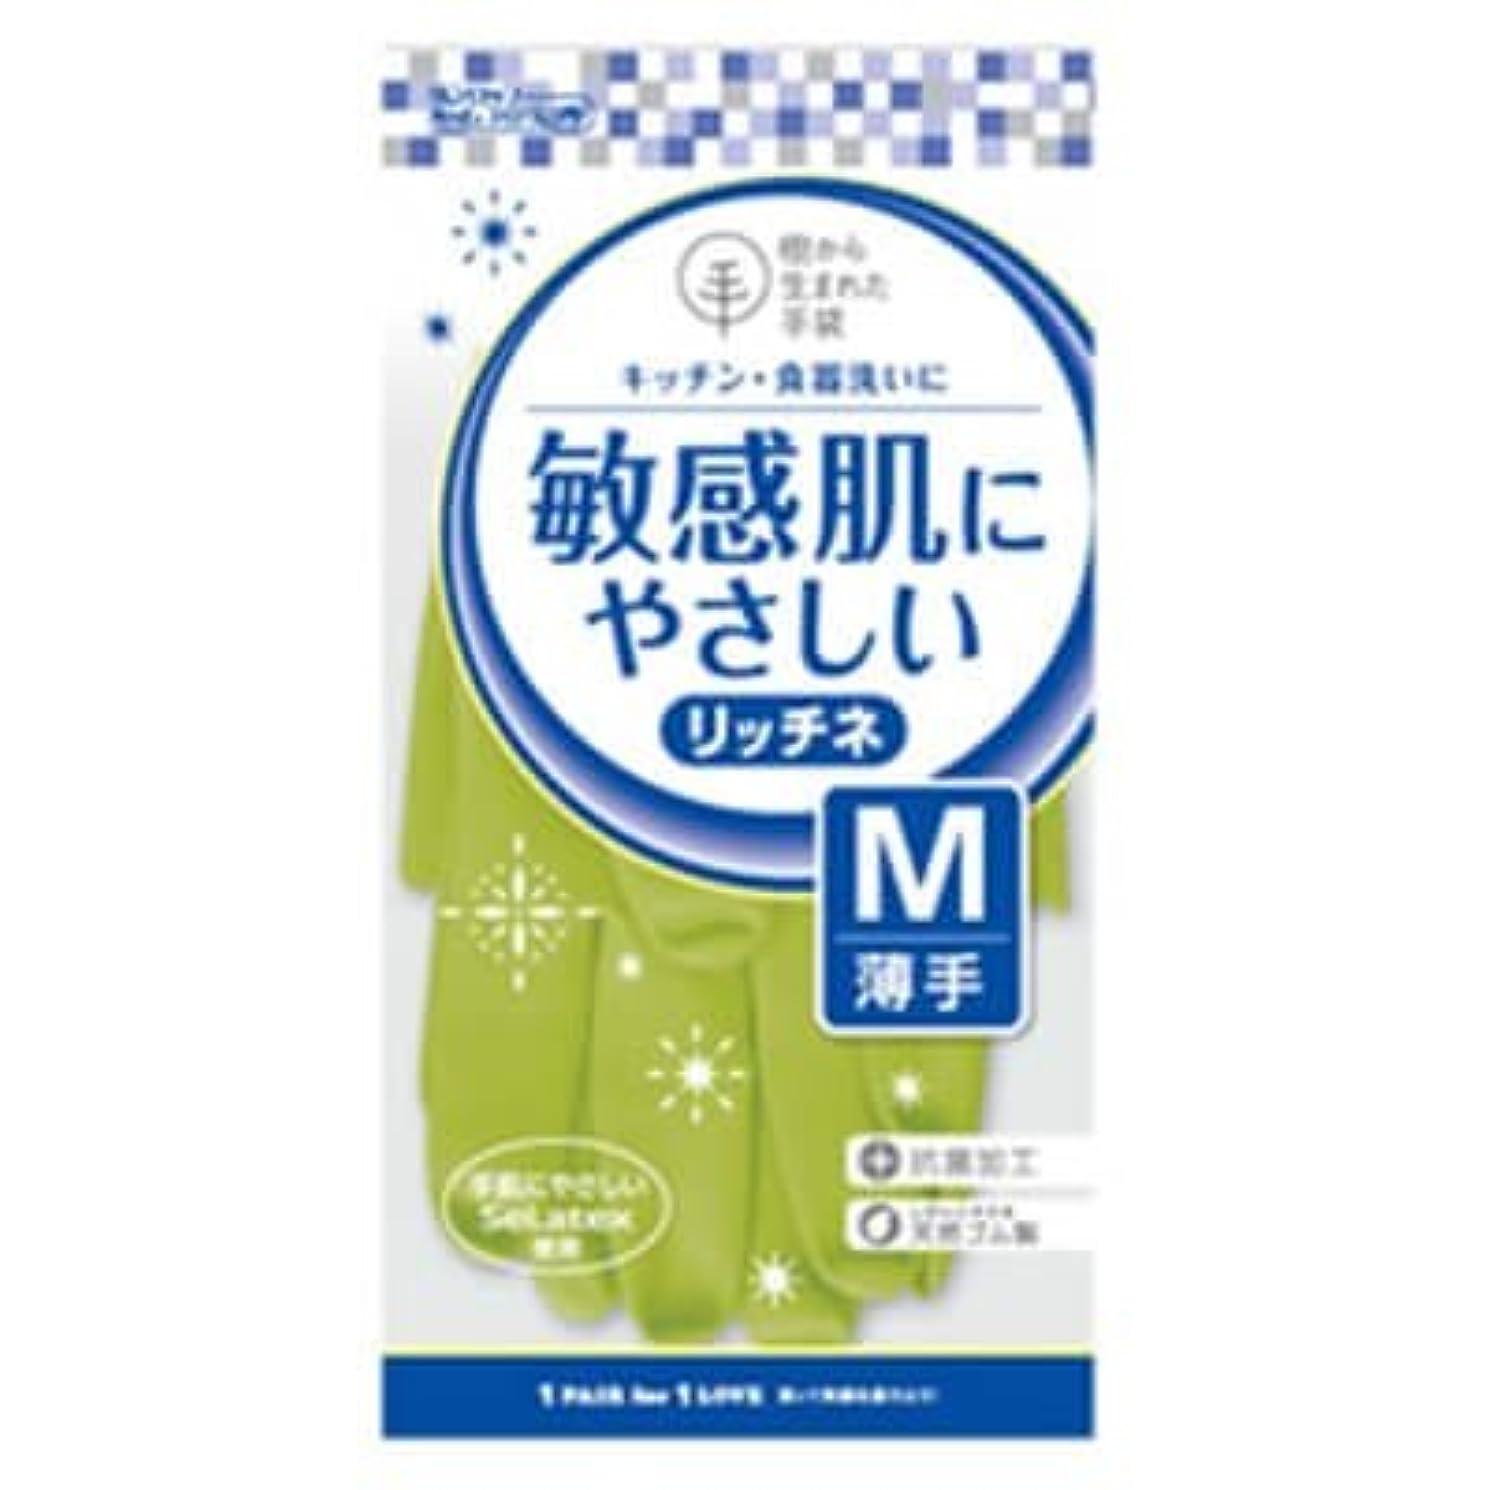 不規則な漏れ内向き【ケース販売】 ダンロップ 敏感肌にやさしい リッチネ 薄手 M グリーン (10双×24袋)